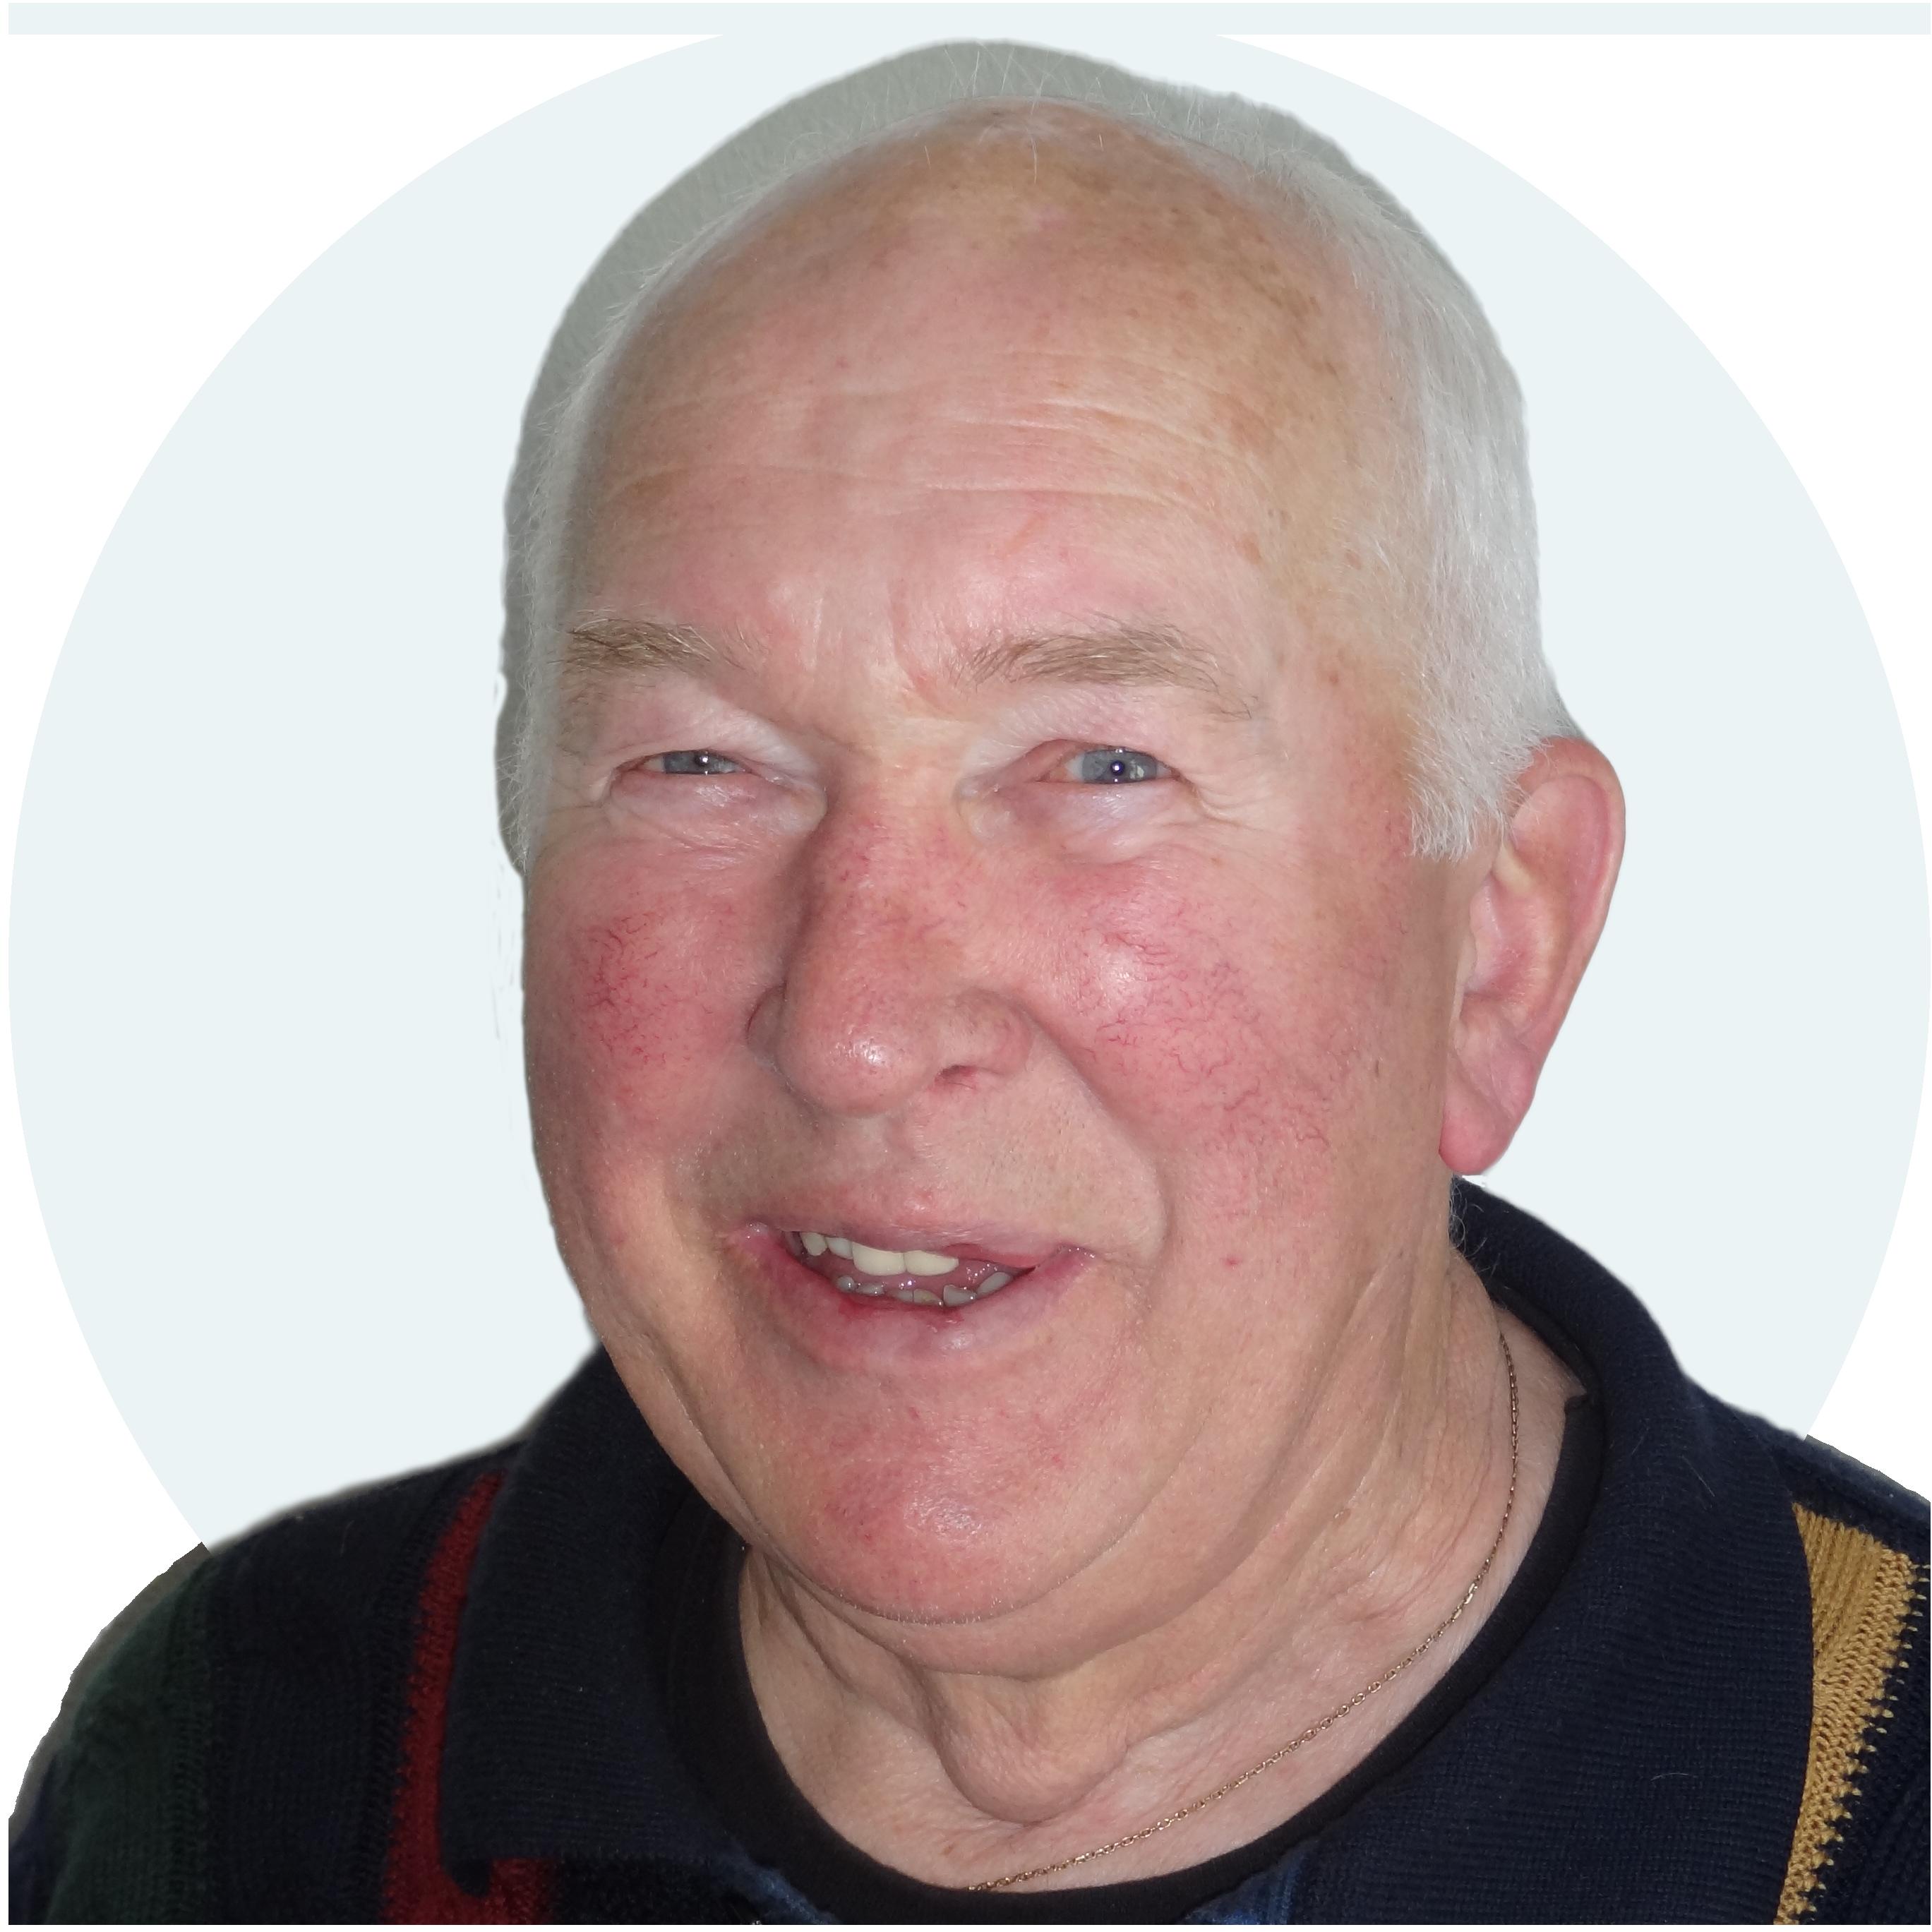 Claus Rohwedder